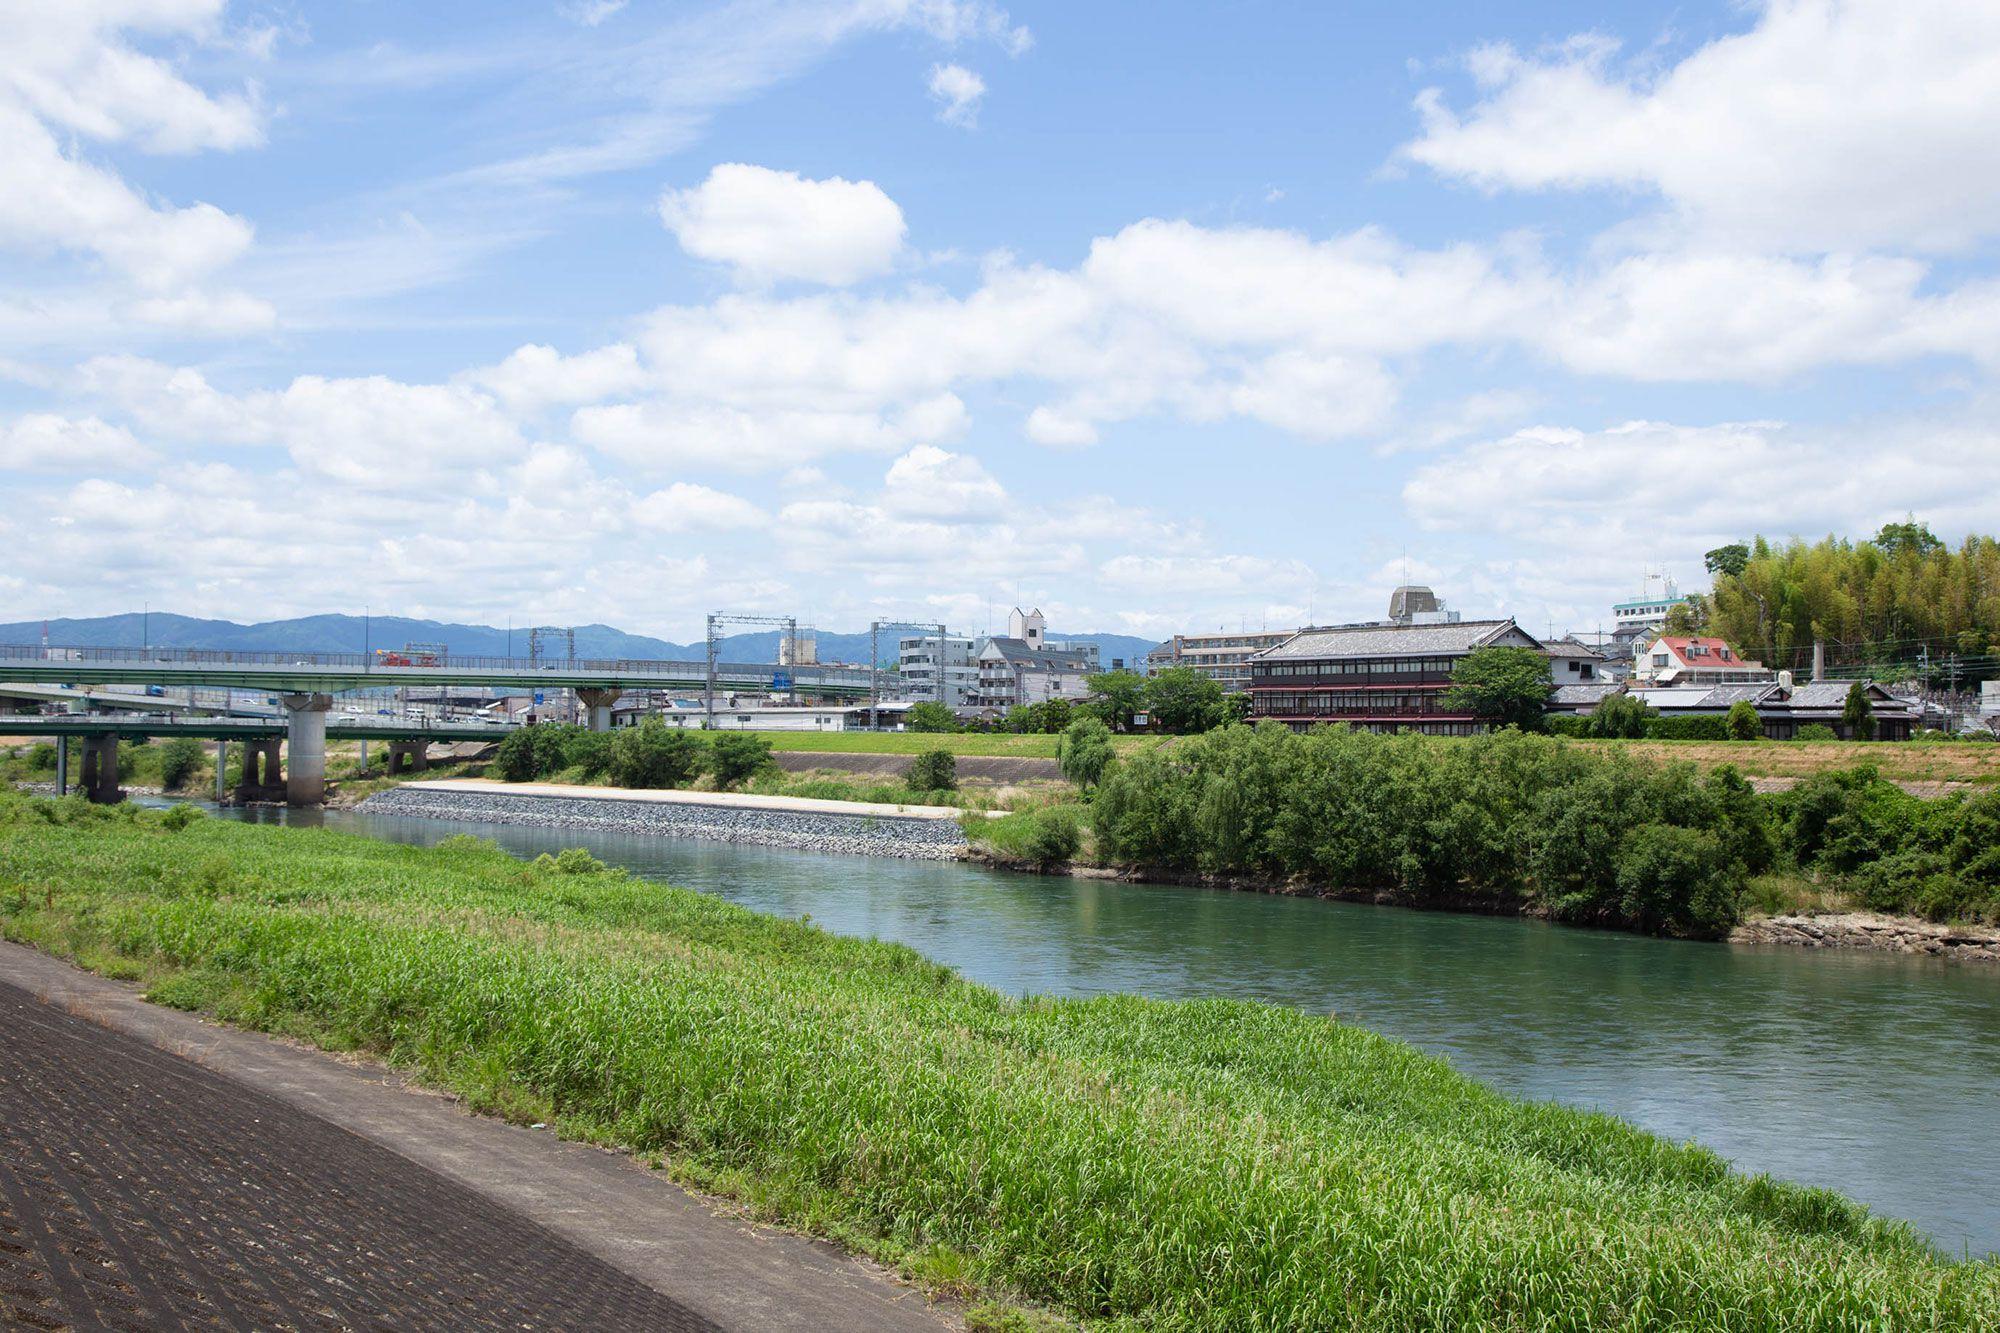 染司よしおかの工房は、宇治川のそばにある。この辺りでは川幅も広く、流れも速い。吉岡は中学生のとき、泳いでいて流されたそうだ。